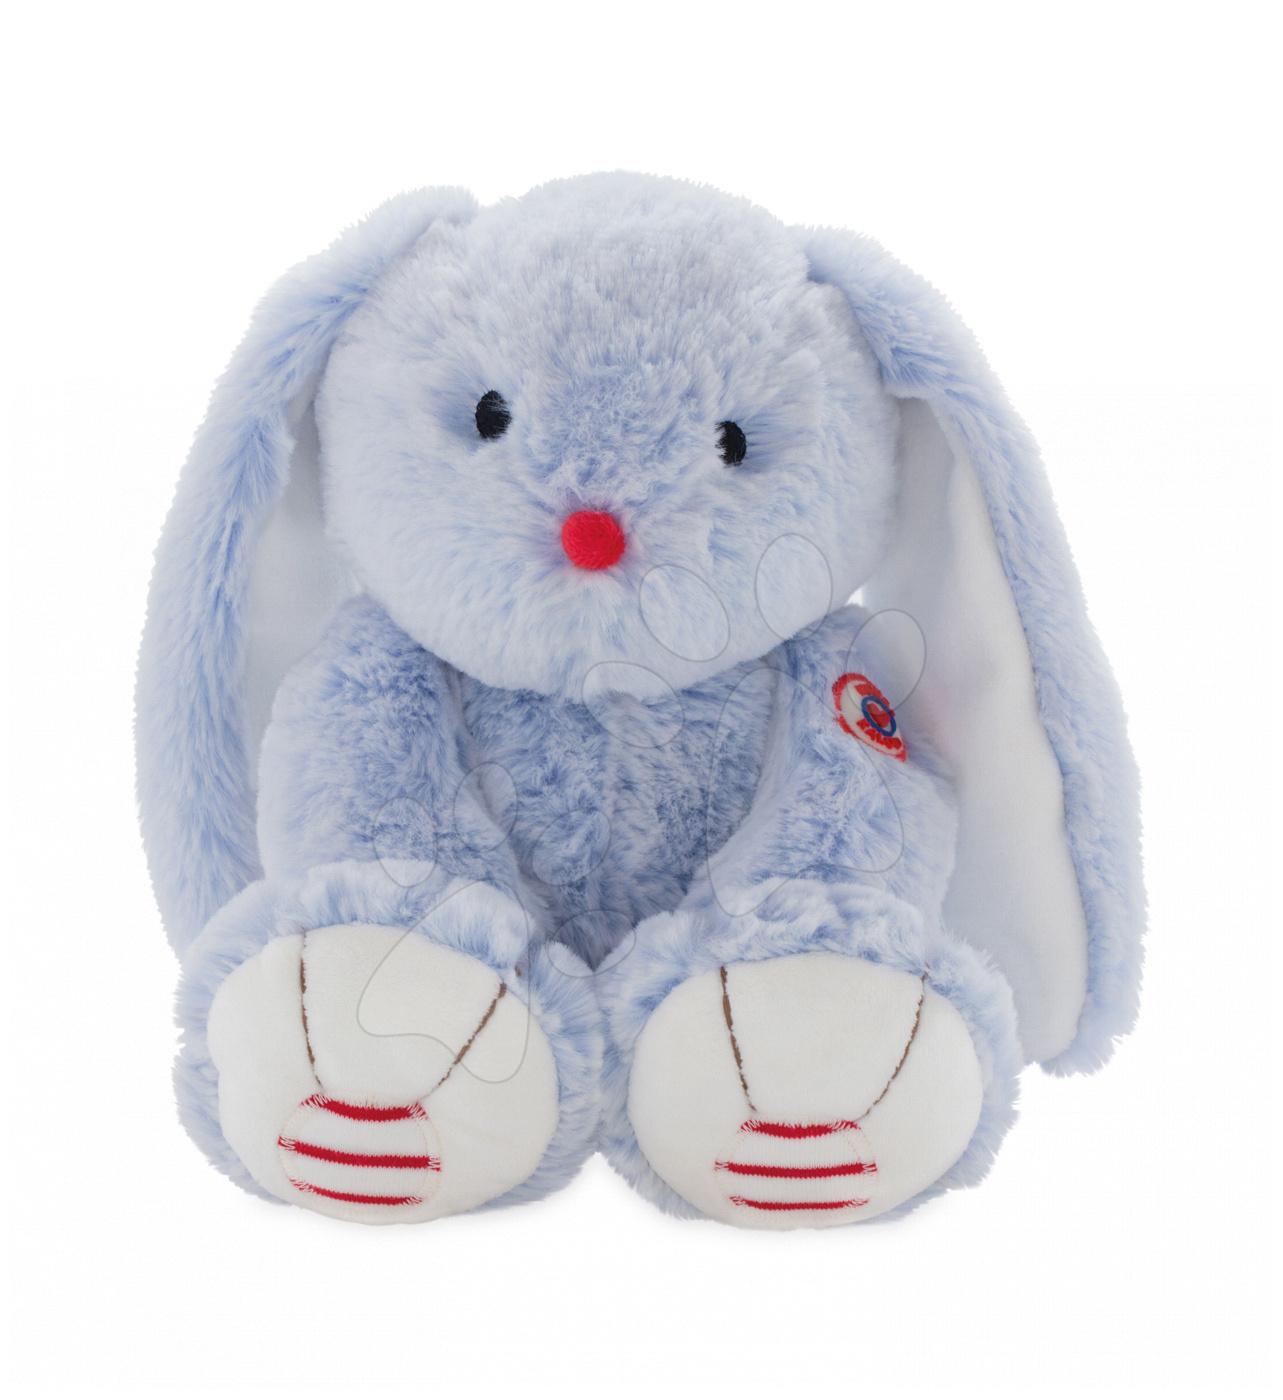 Plyšový zajíc Rouge Kaloo Small 13 cm z jemného plyše pro nejmenší děti modro-krémový